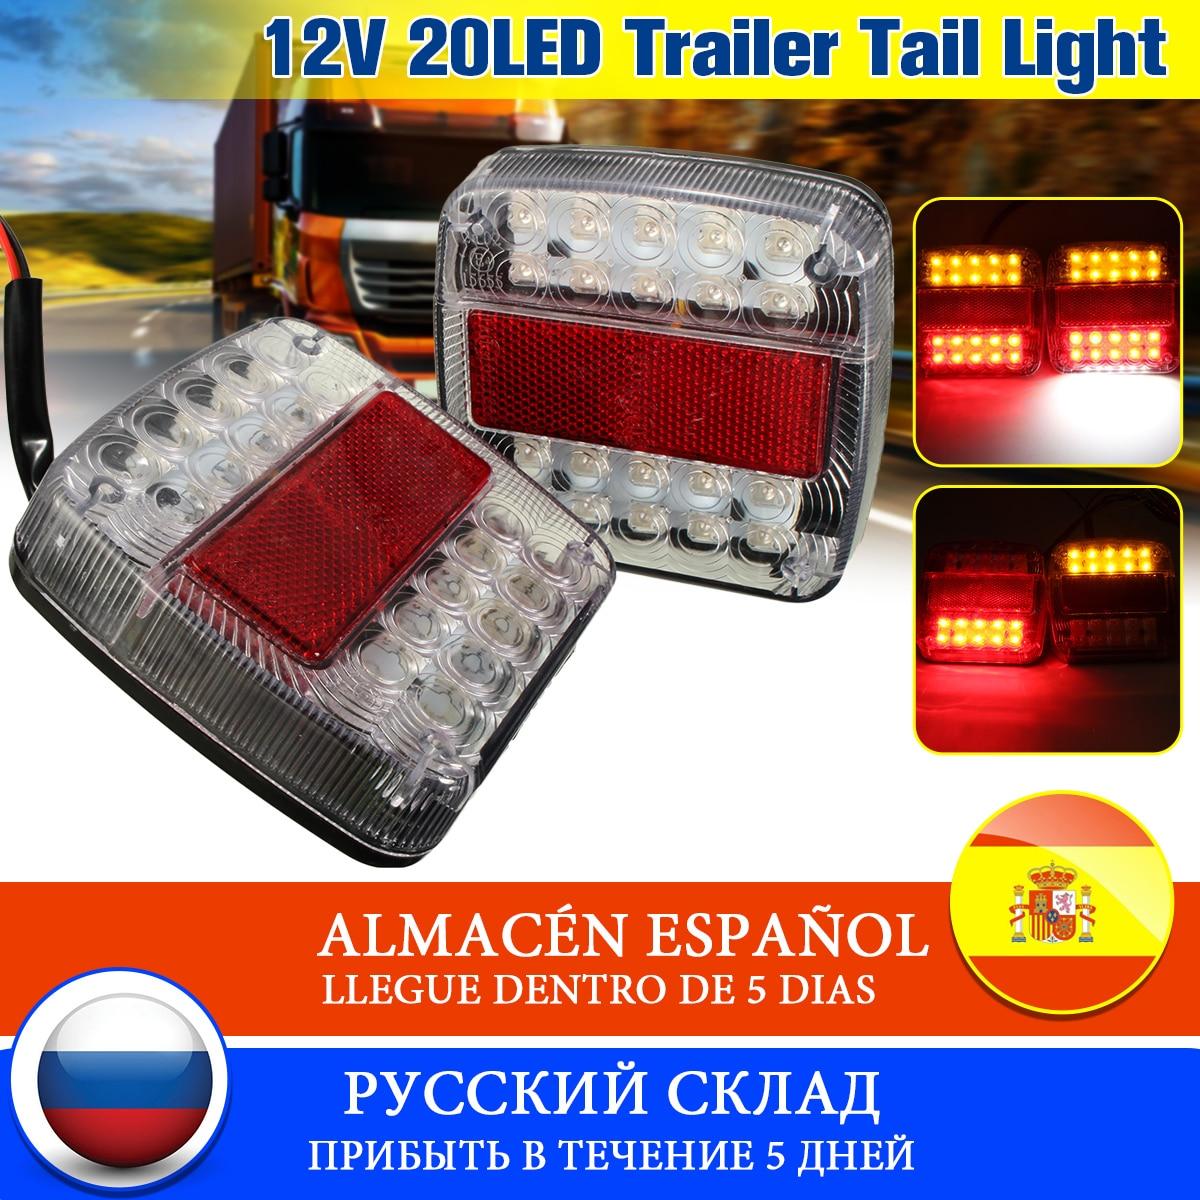 2X 12V 26 LED Tail Light Turn Signal Rear Brake Light Number License Plate For Car Truck Trailer Caravans UTE Campers ATV E mark - title=